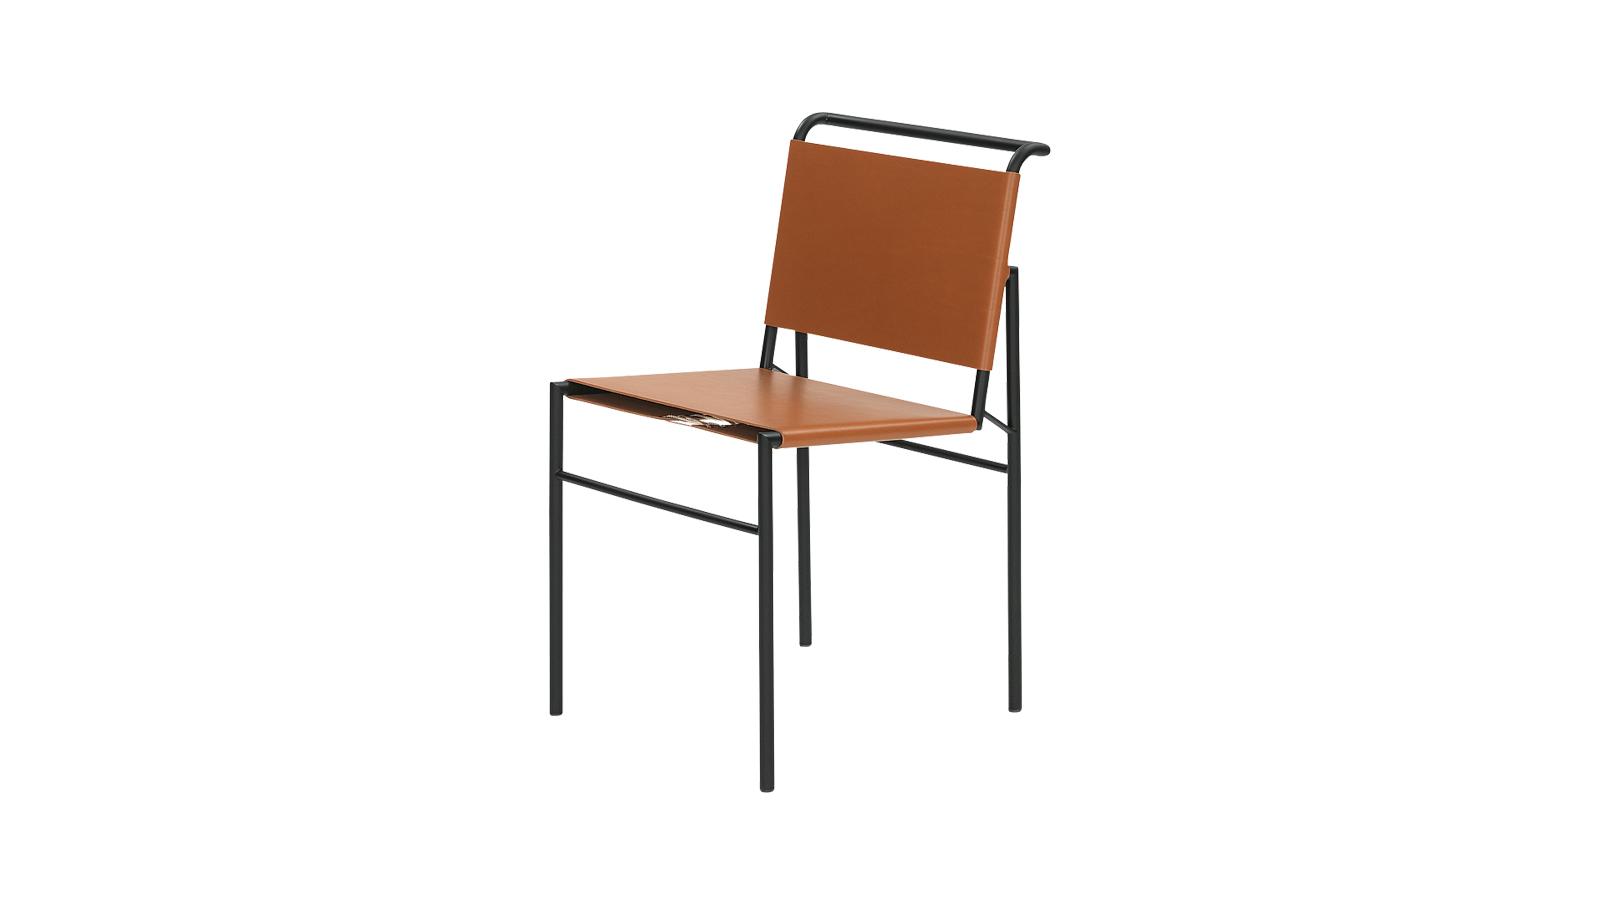 A szék különlegessége, hogy a 20. század egyik fontos designere, Eileen Grey tervezte 1927-ben, mégpedig a spanyolországi Castellarban álló második házának teraszára. Az első variáció tehát kültérre készült, huzata kék vászon volt, majd megtervezte a beltéri változatot is, melynek fém csővázának formája változatlan maradt, csupán a vászon helyett bőrrel vonta be az ülőfelületet és a háttámlát.